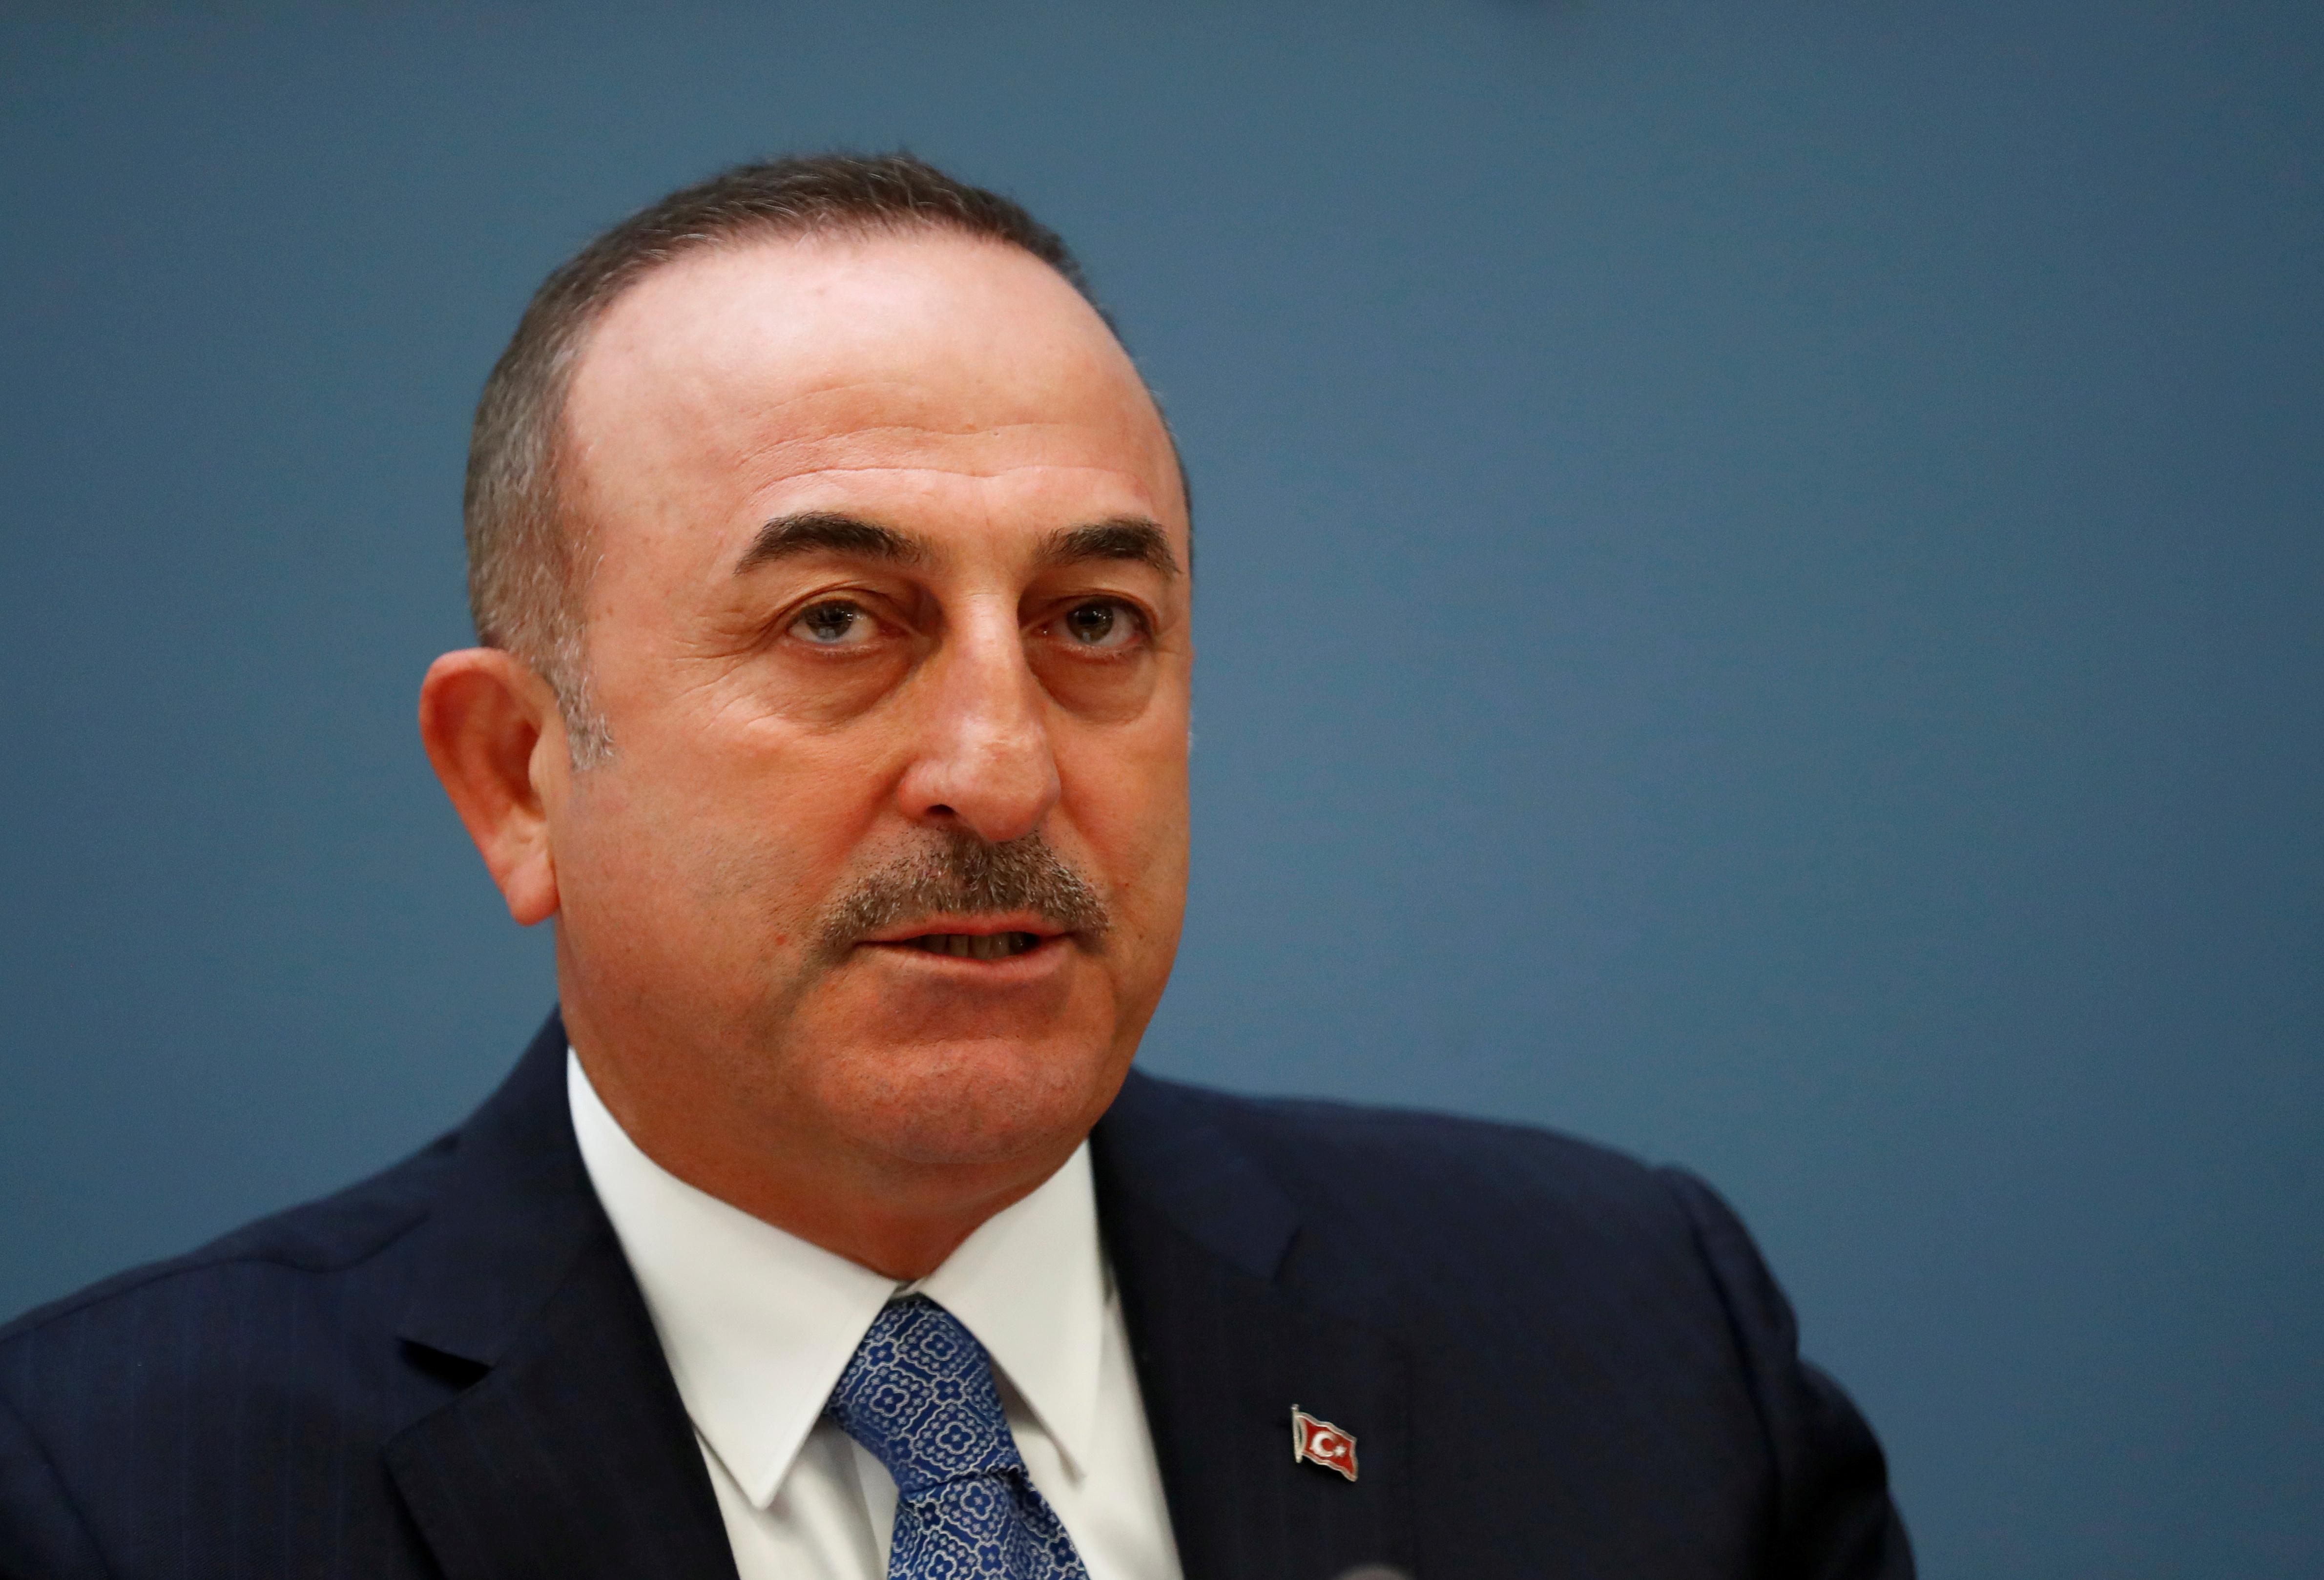 Η Τουρκία κάλεσε για εξηγήσεις τον Αμερικανό πρέσβη μετά την αναγνώριση της γενοκτονίας των Αρμενίων